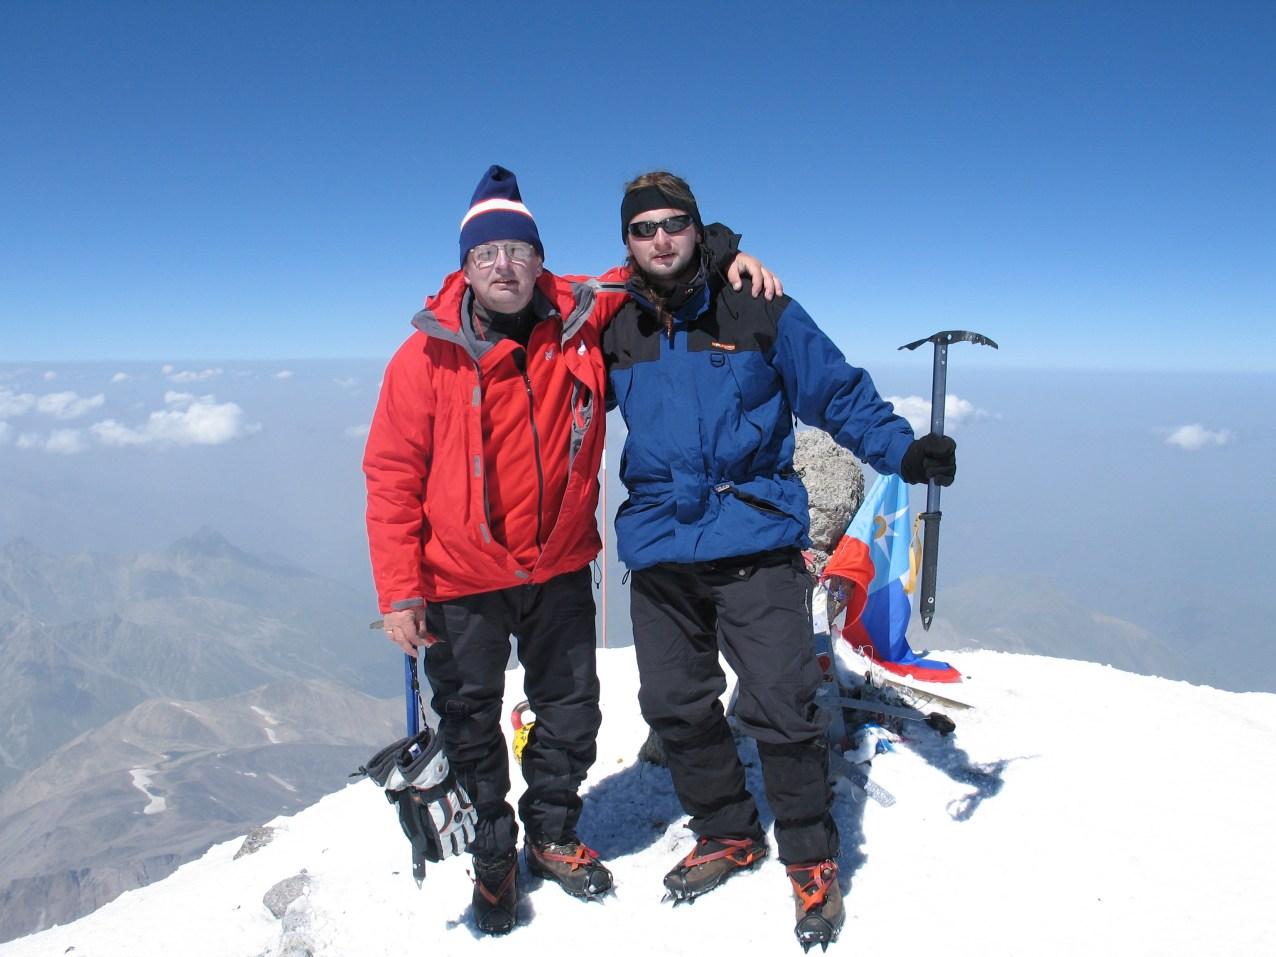 Na szczycie Elbrus - 5642 m n.p.m.